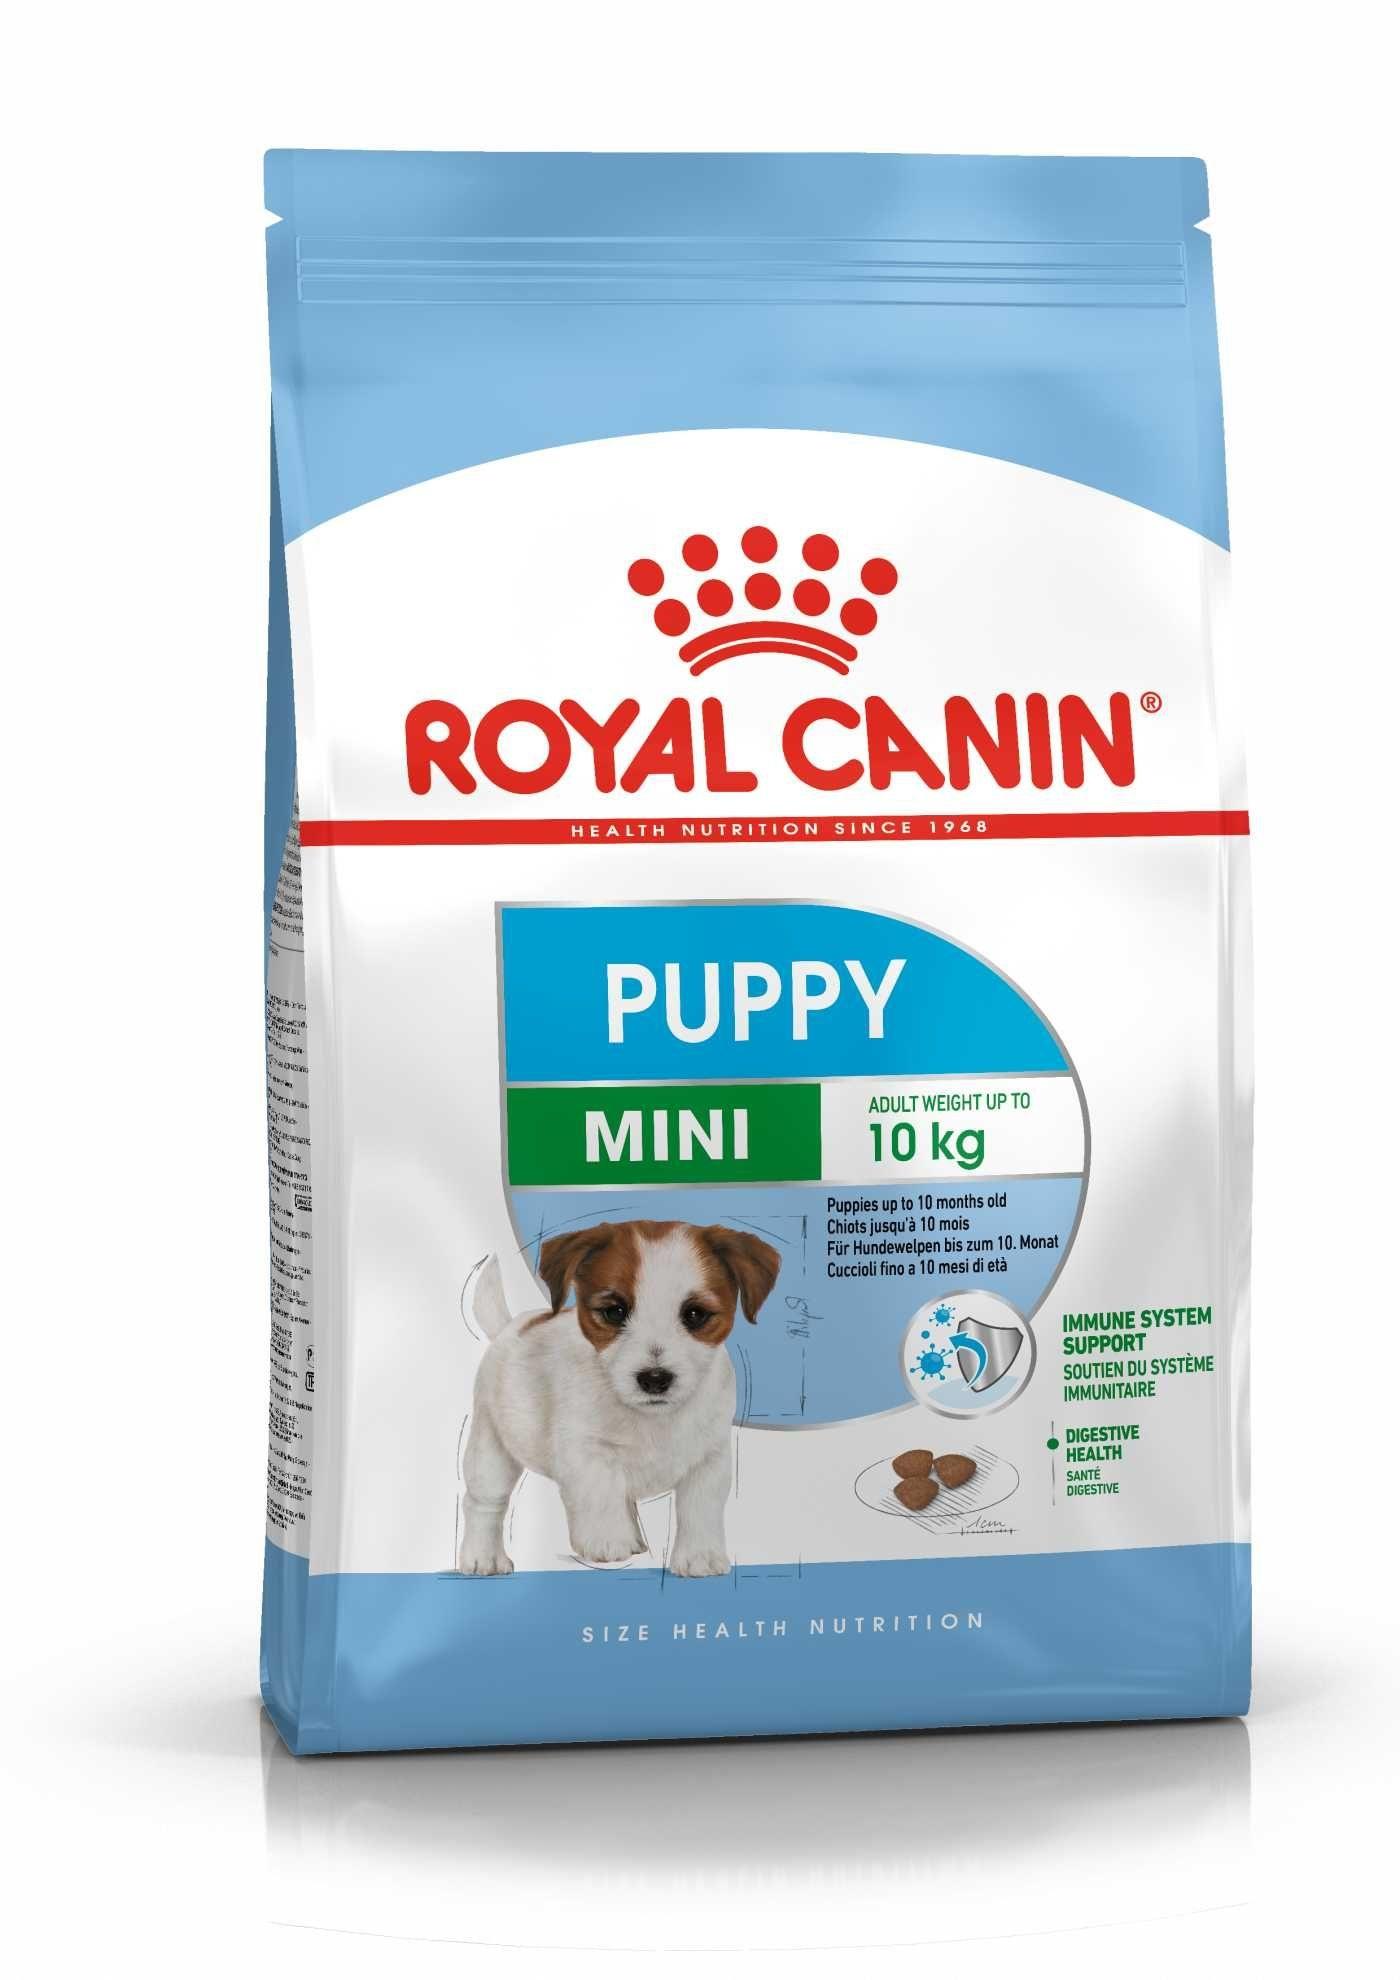 Royal Canin Royal Canin- mini puppy 2kg